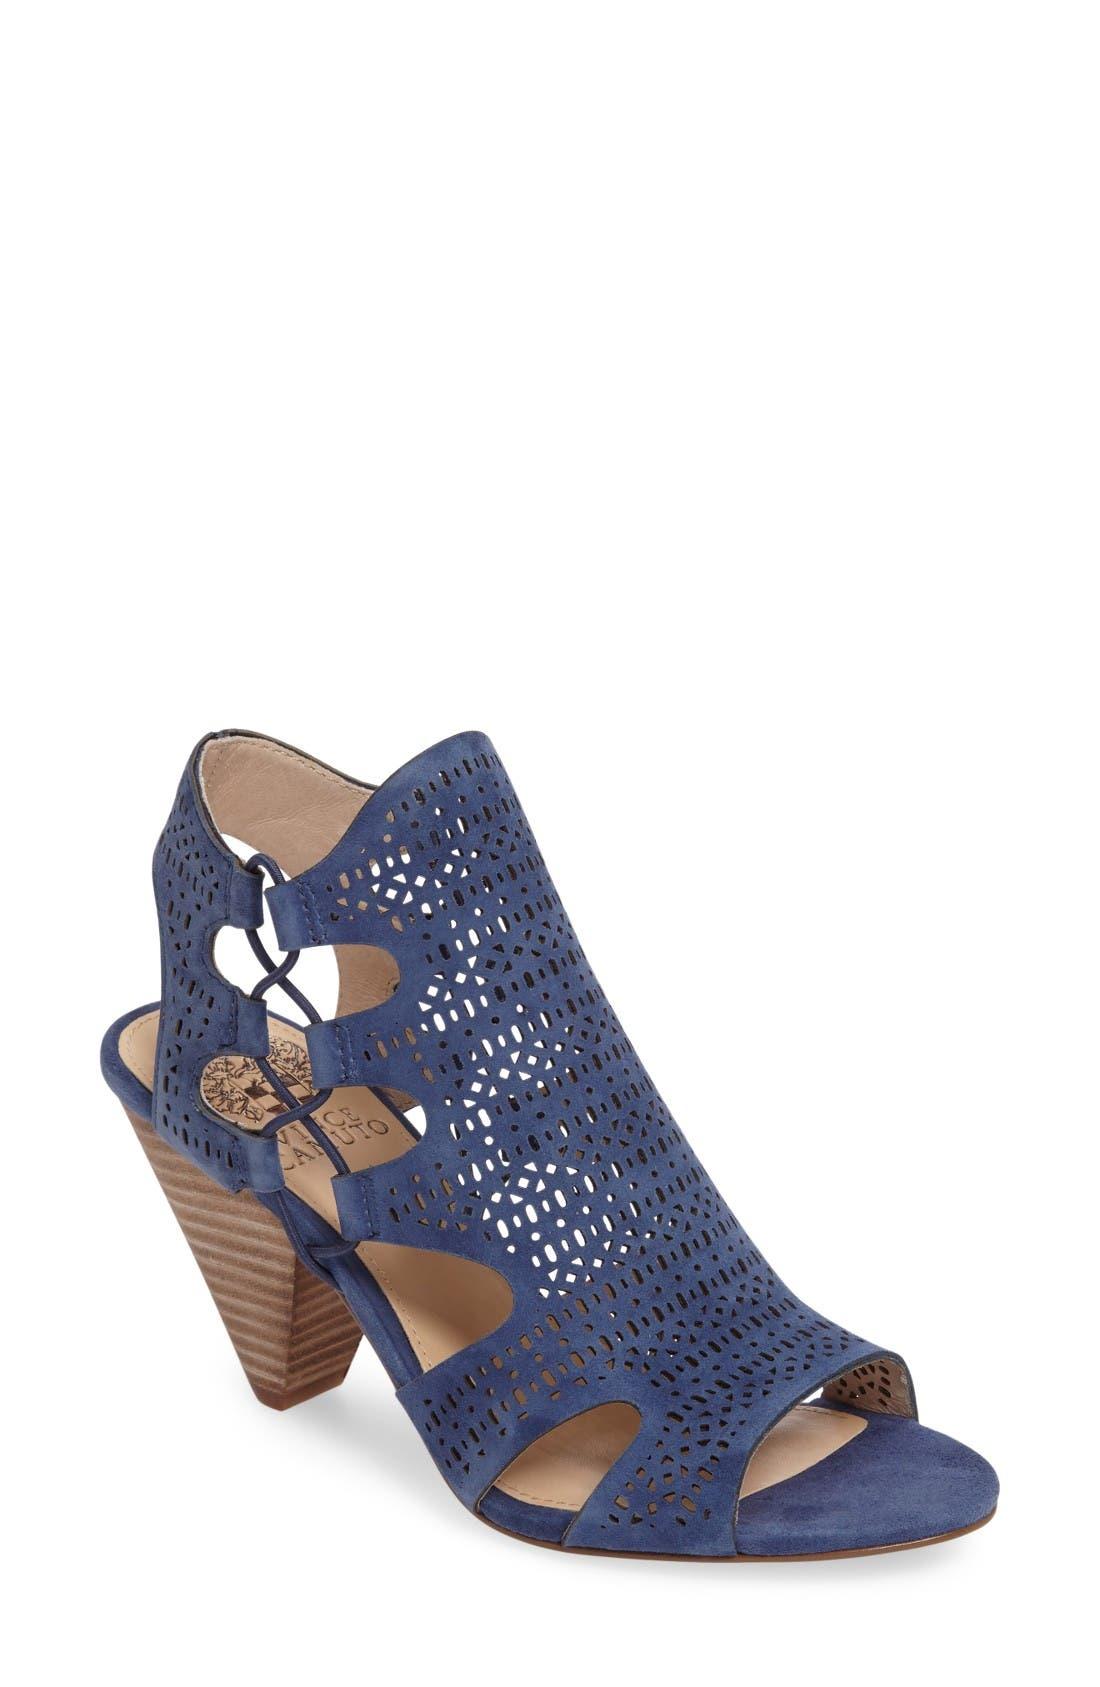 Main Image - Vince Camuto Eadon Cutout Sandal (Women)